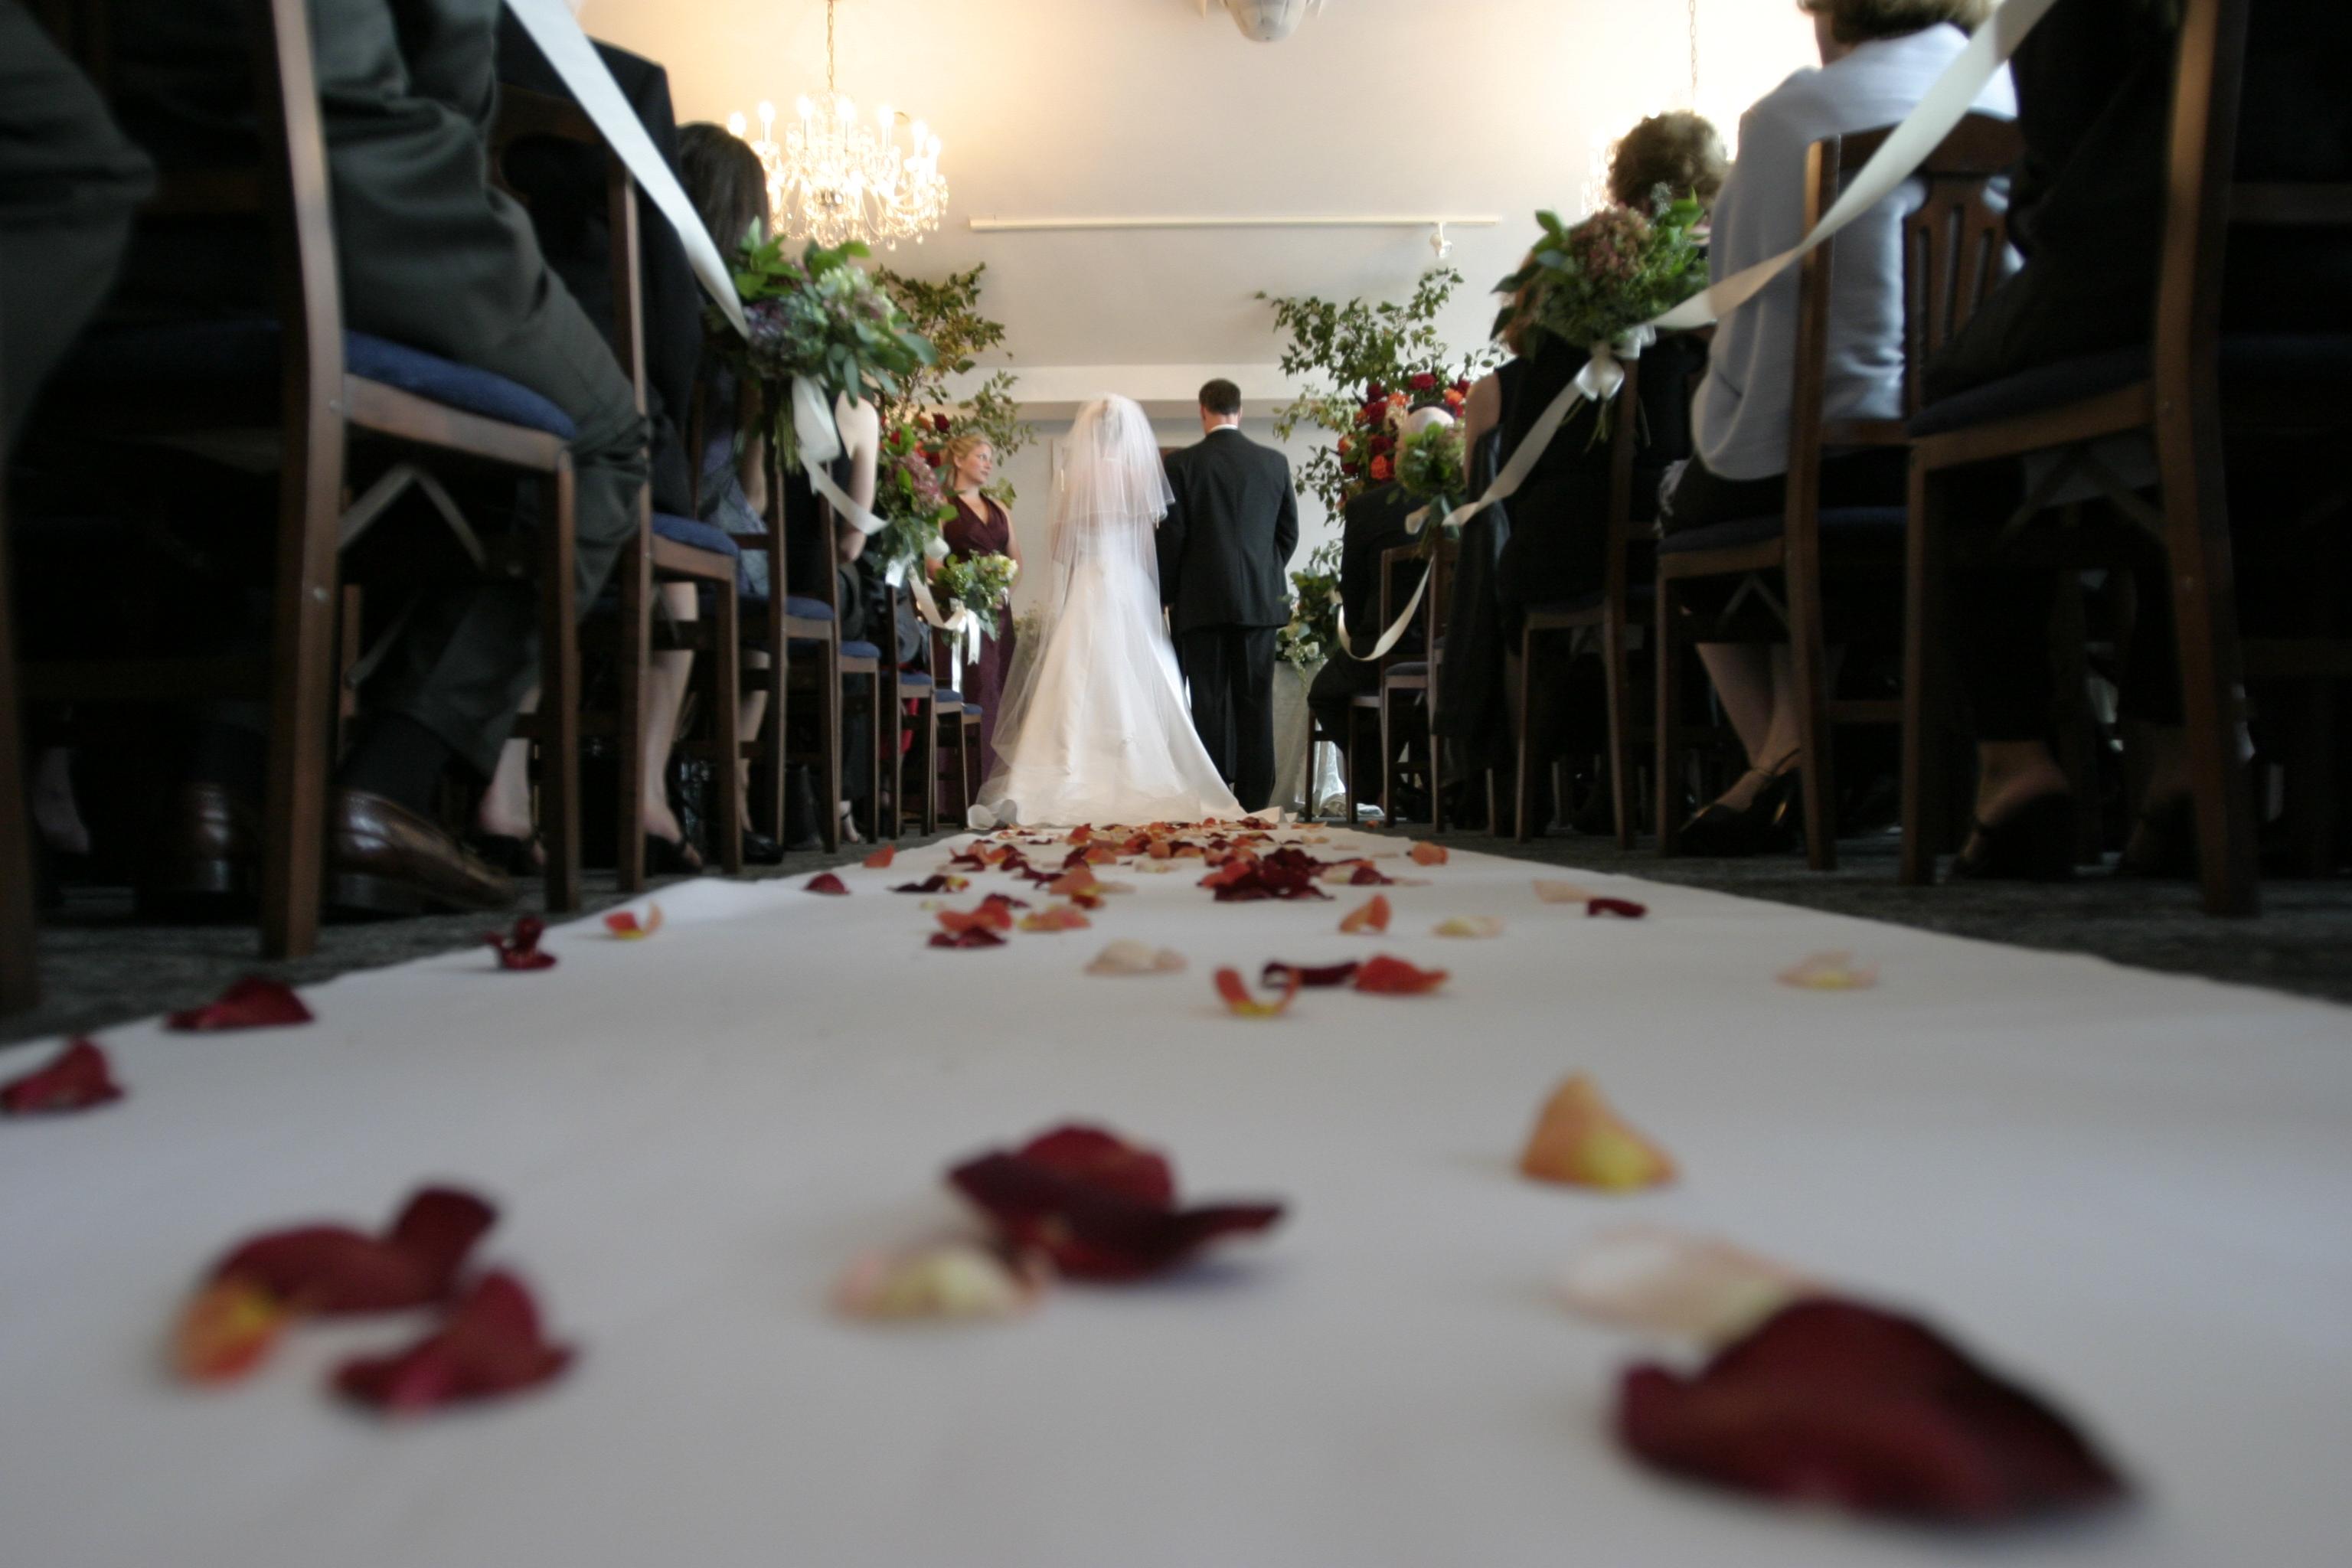 Bevonulás másként – Kis lépések egy menyasszonynak, de hatalmas öröm a vőlegénynek